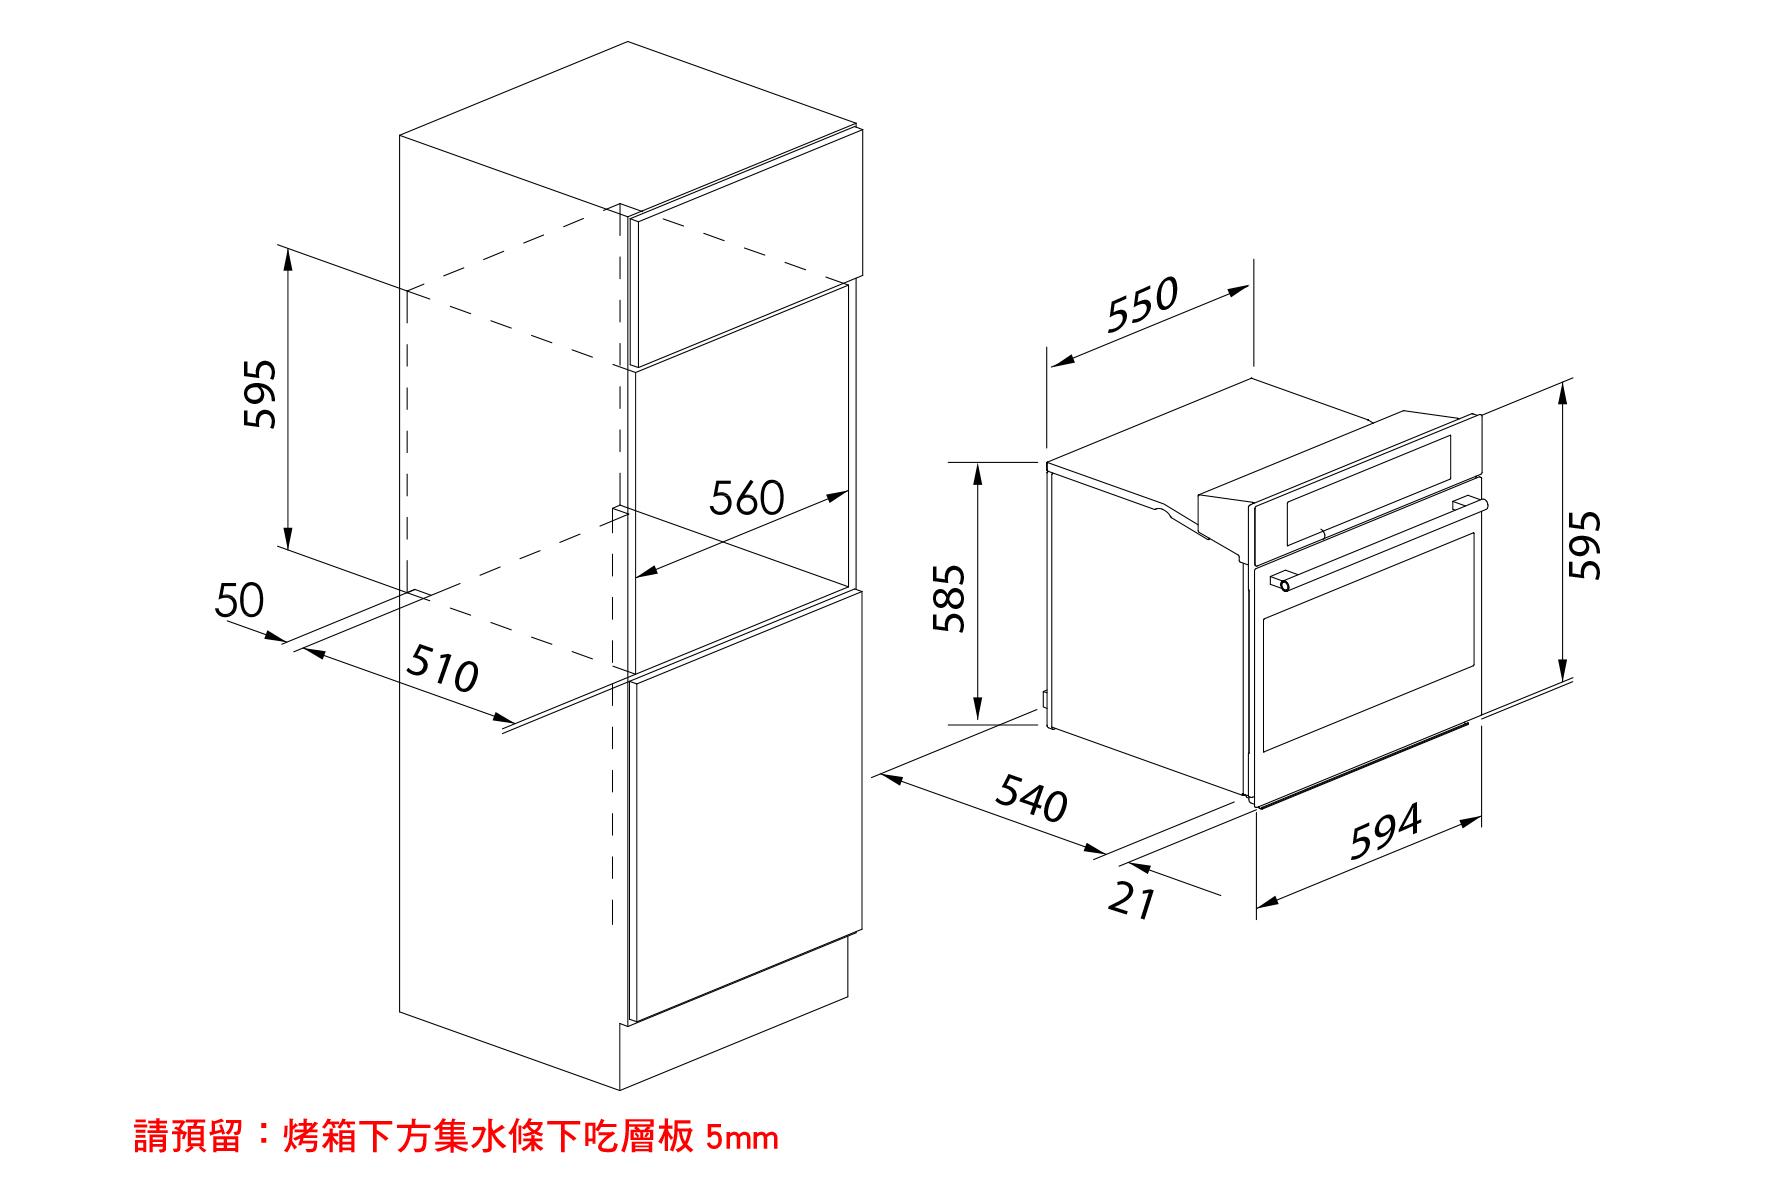 嵌入式3D旋風烤箱 安裝資訊